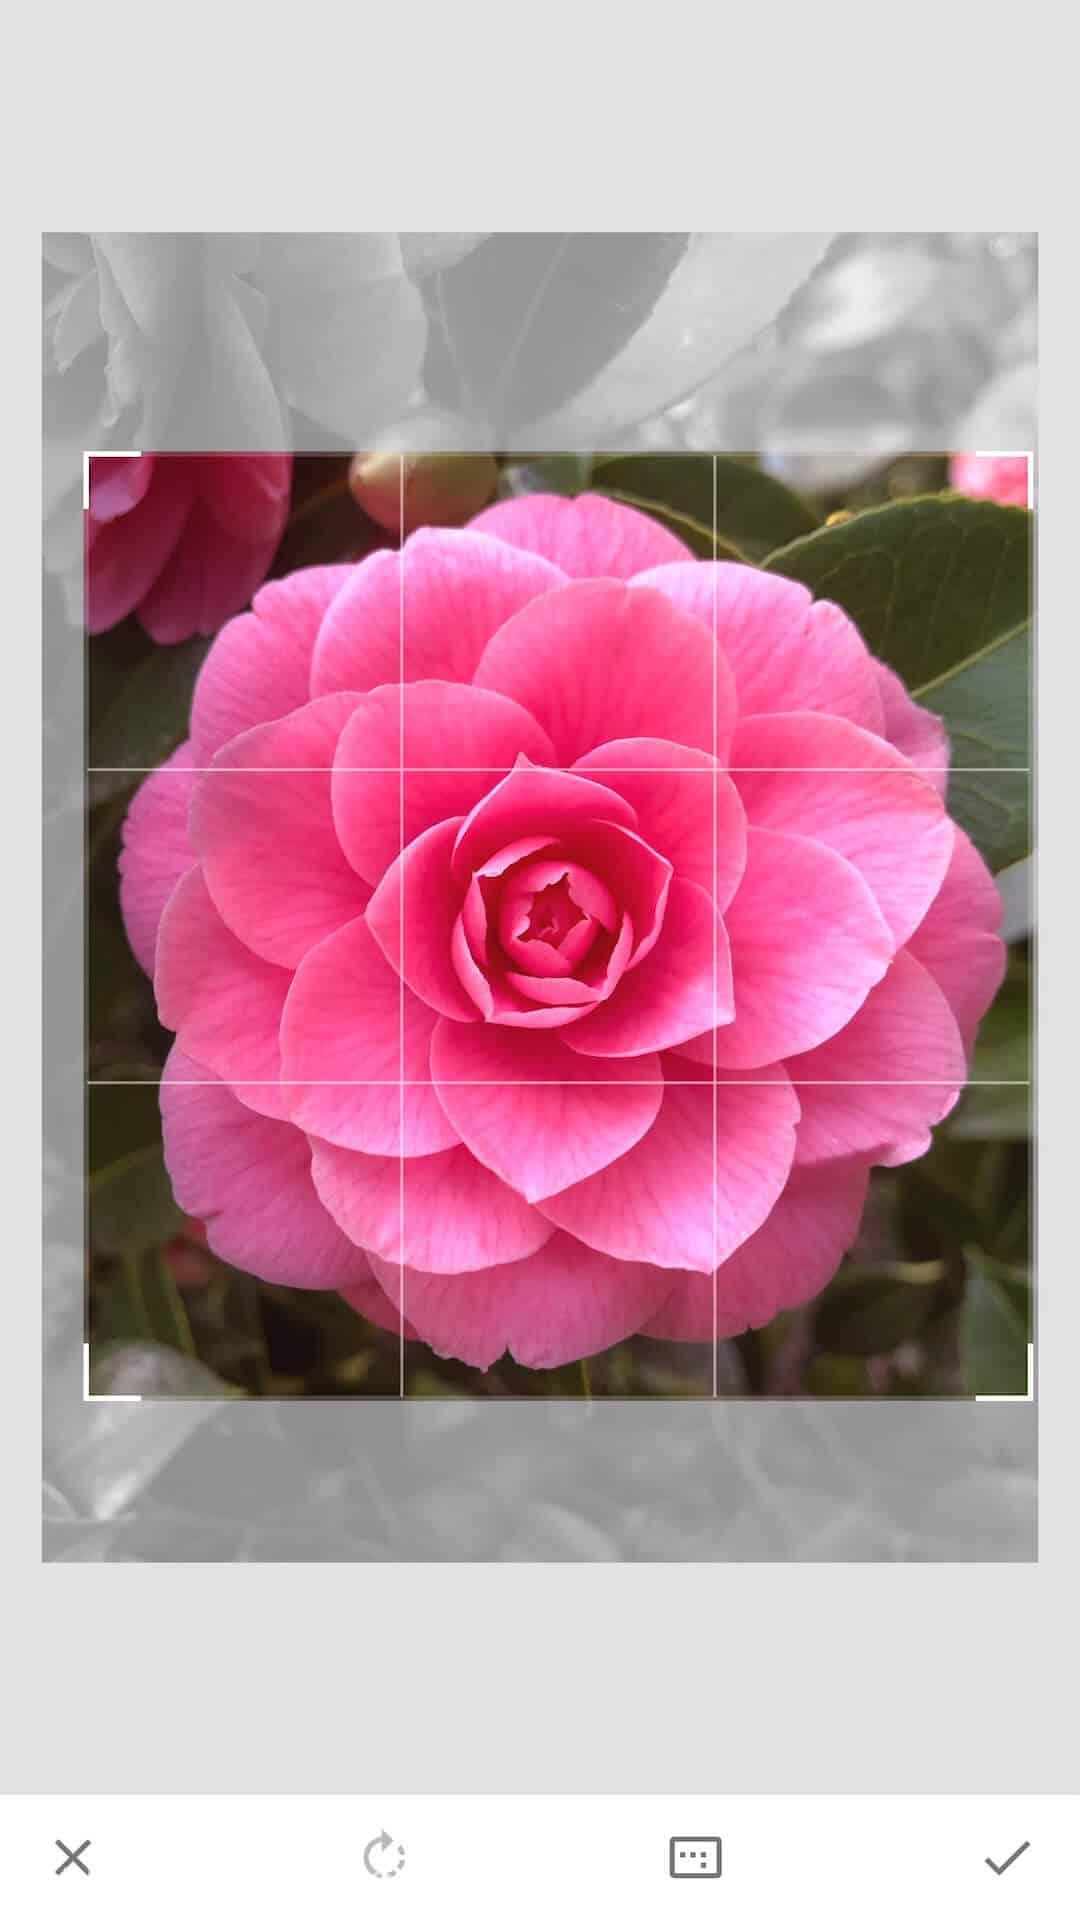 Crop image 1x1 on Snapseed app